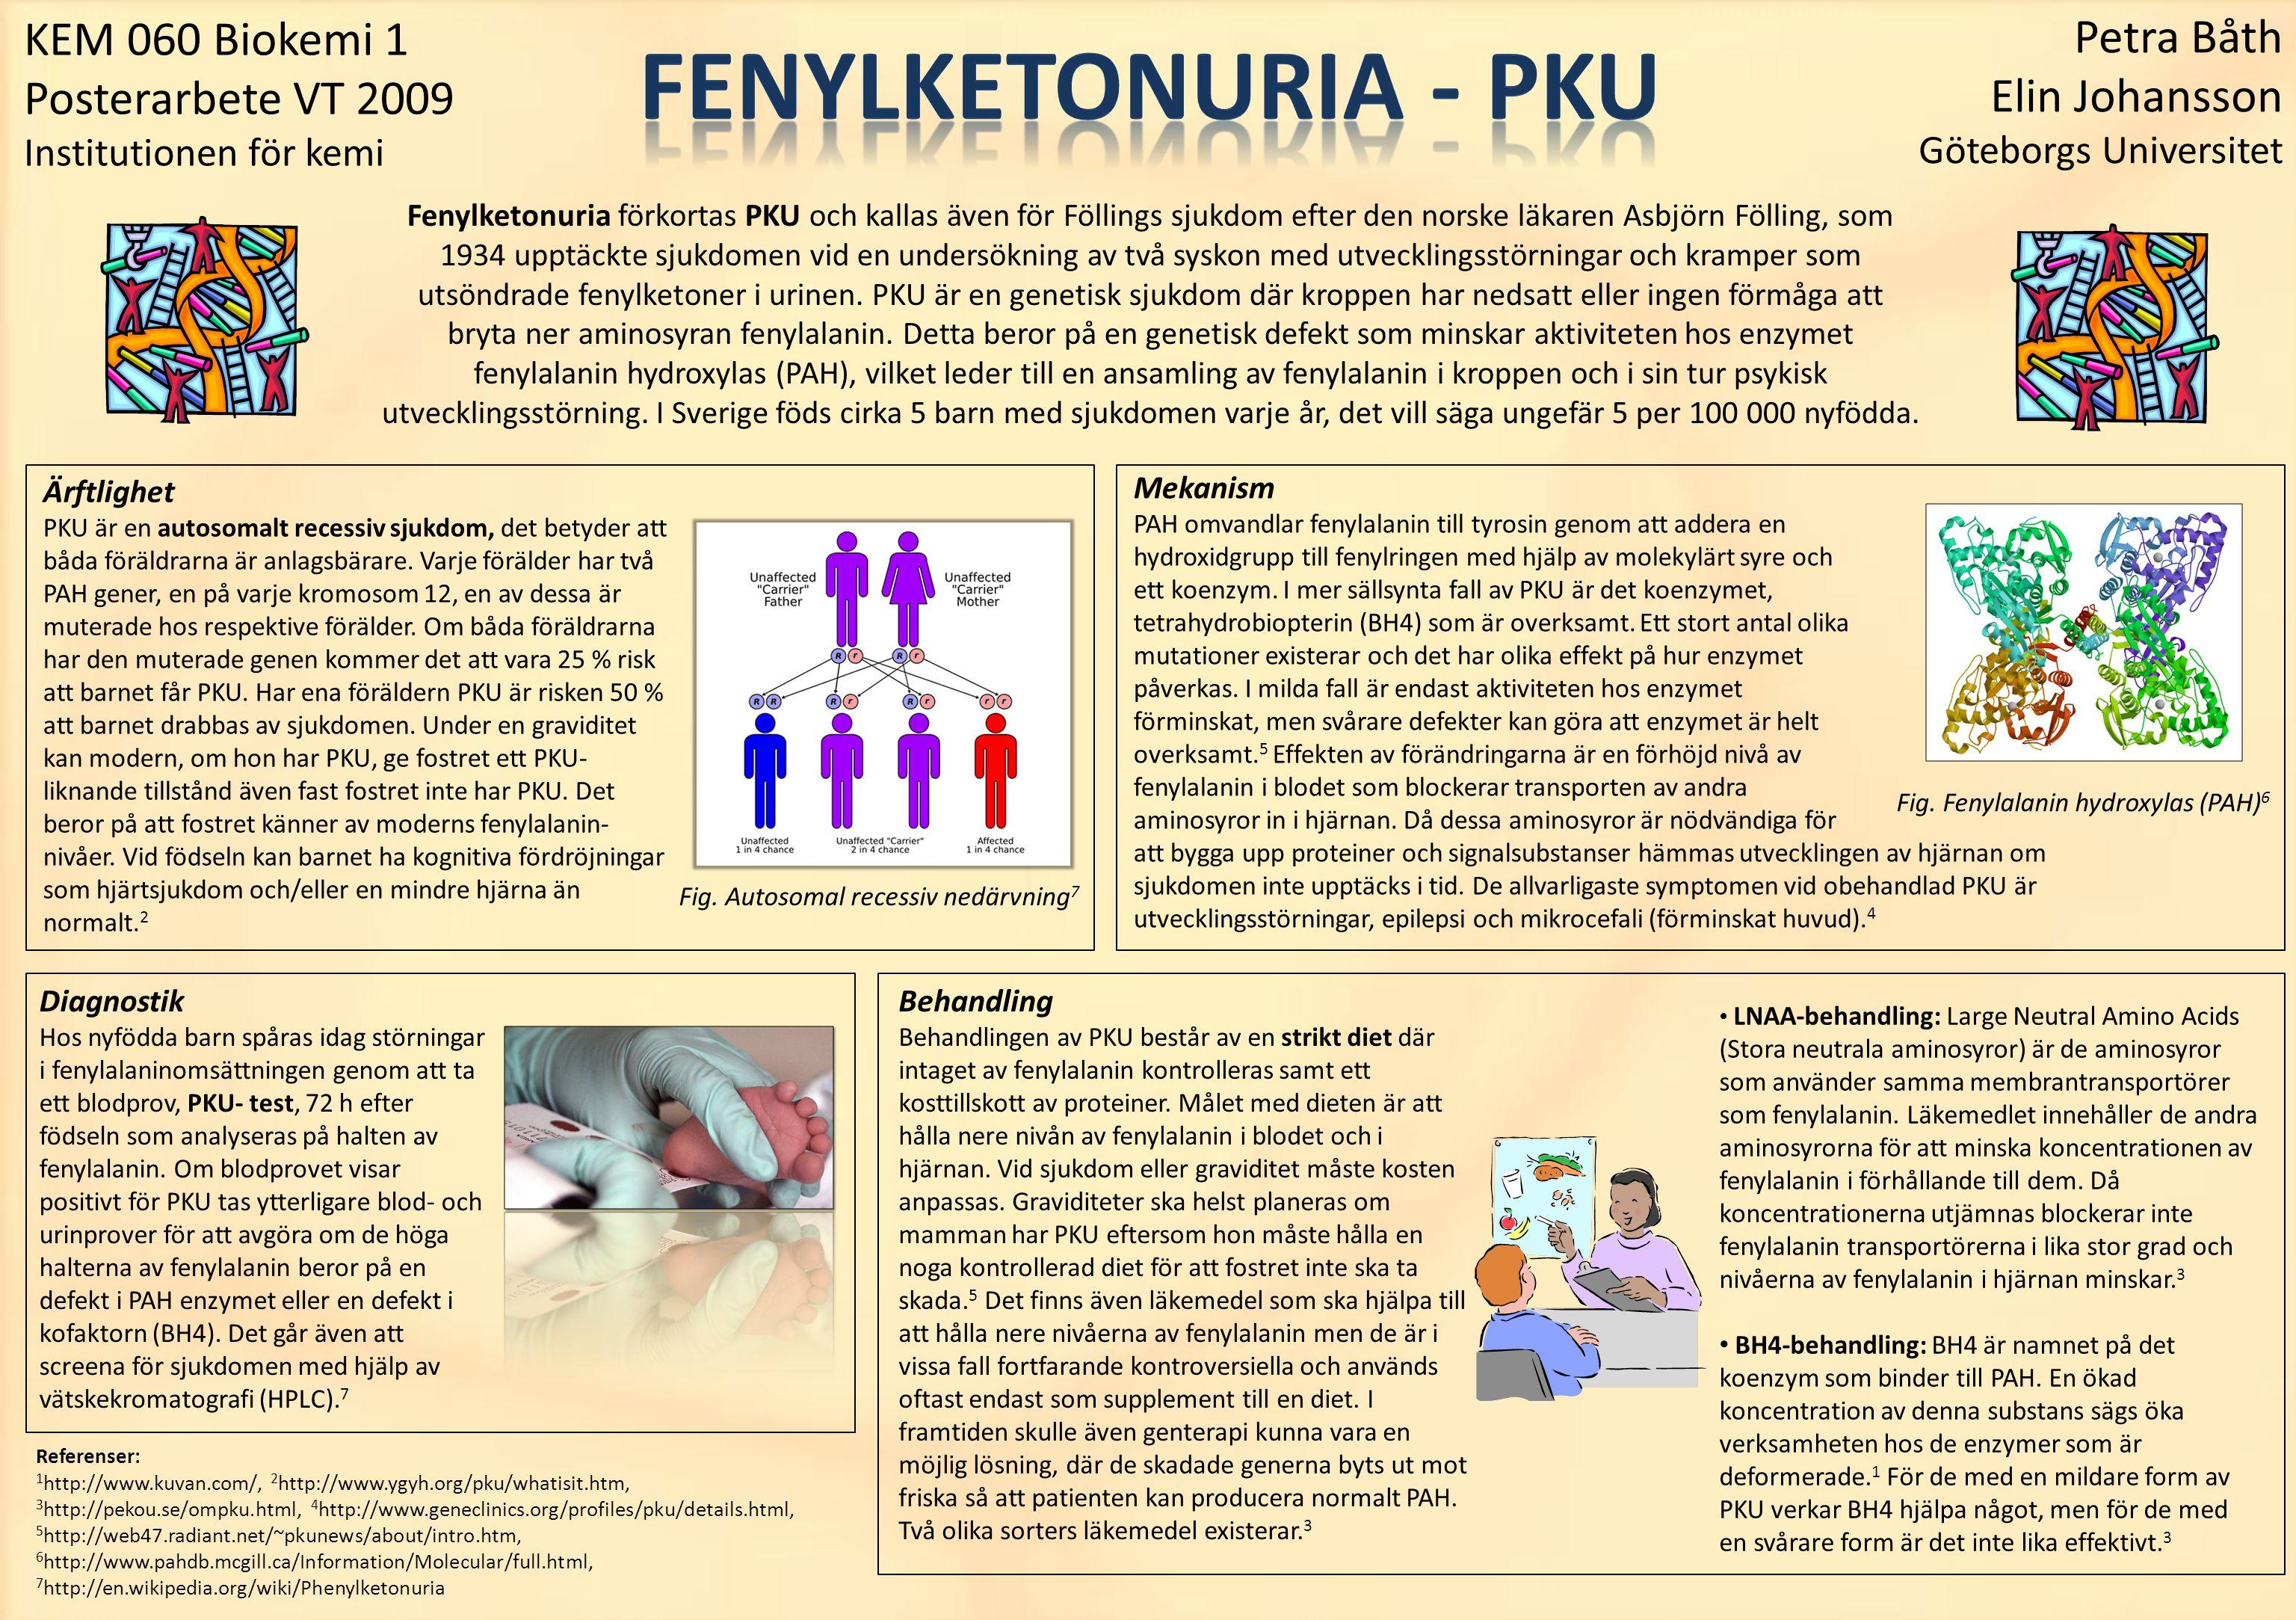 KEM 060 Biokemi 1 Posterarbete VT 2009 Institutionen för kemi Fenylketonuria förkortas PKU och kallas även för Föllings sjukdom efter den norske läkar